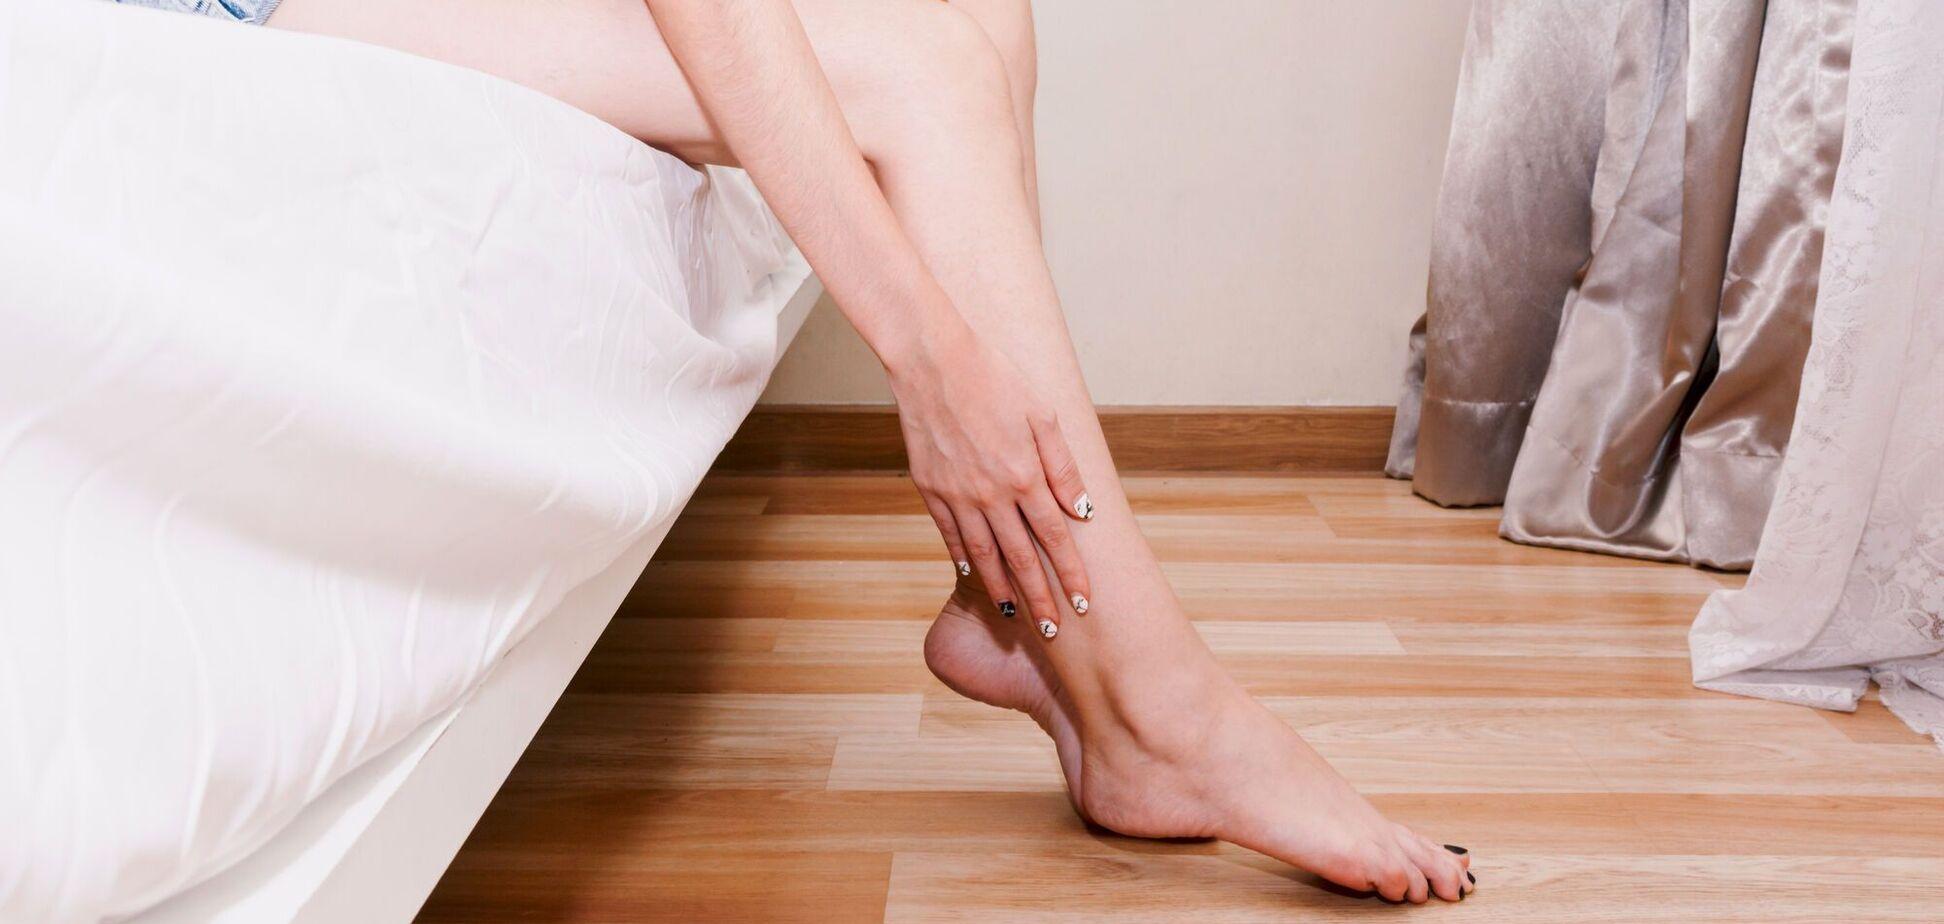 6 неочевидных симптомов остеопороза